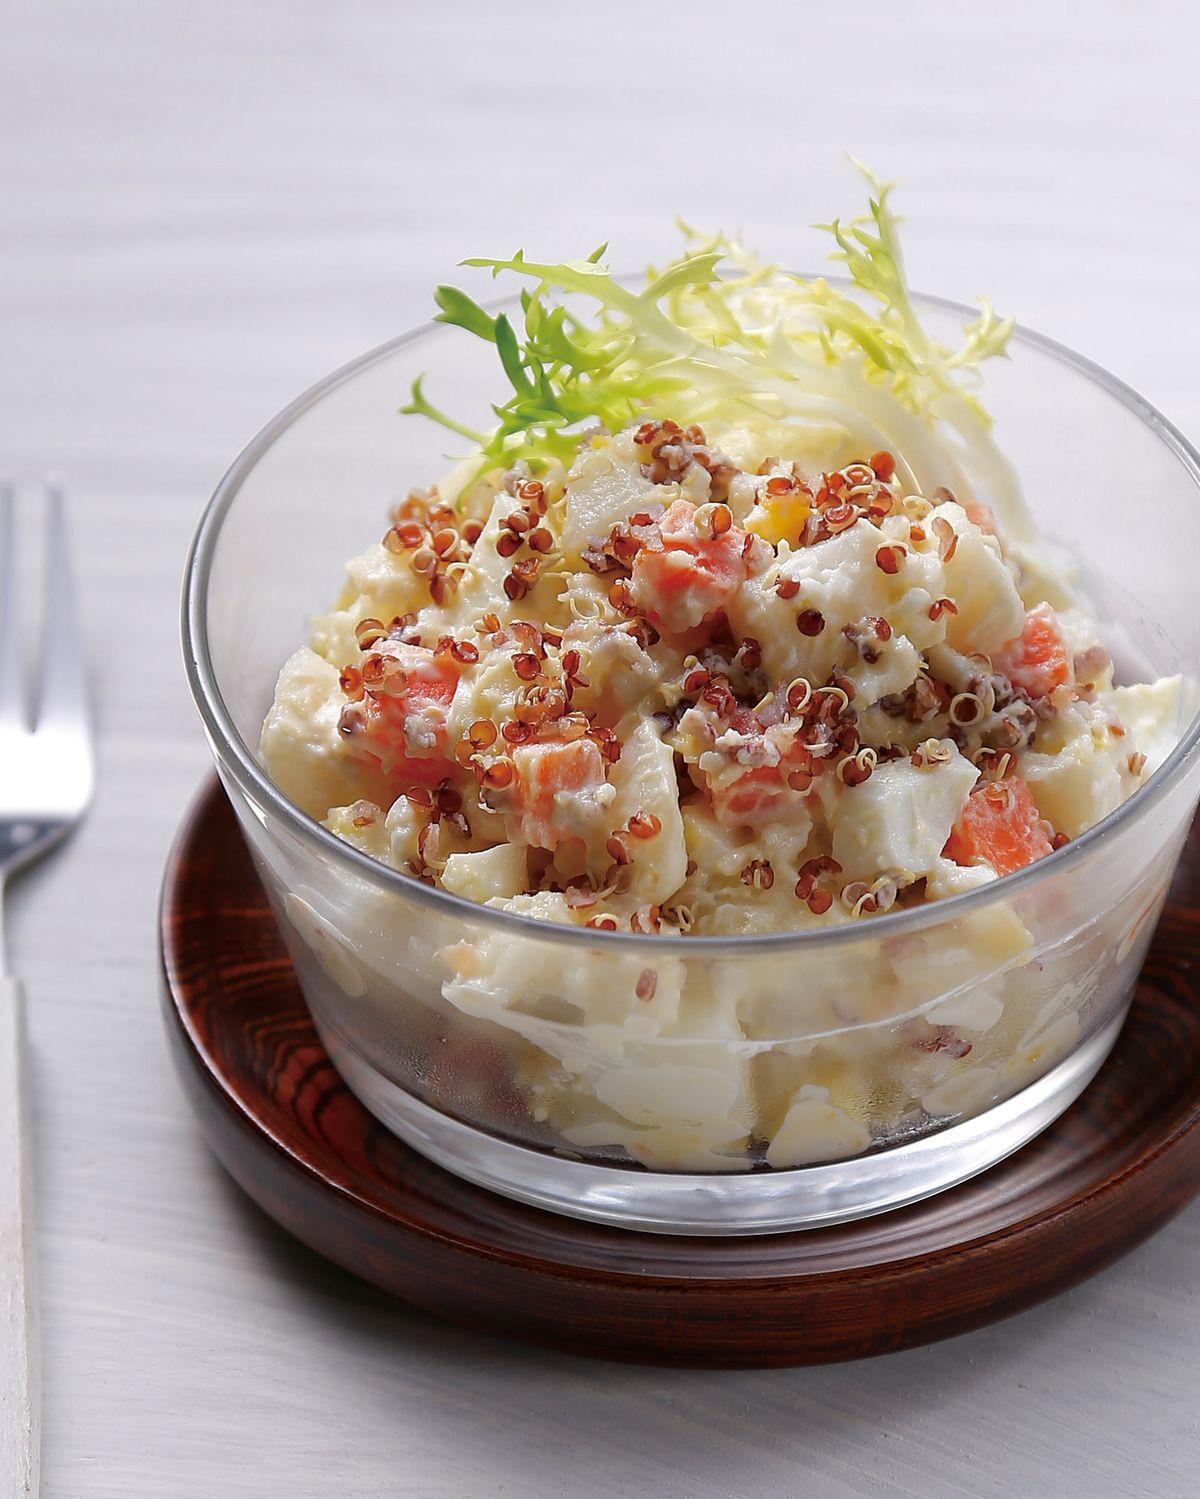 食譜:紅蔾馬鈴薯沙拉